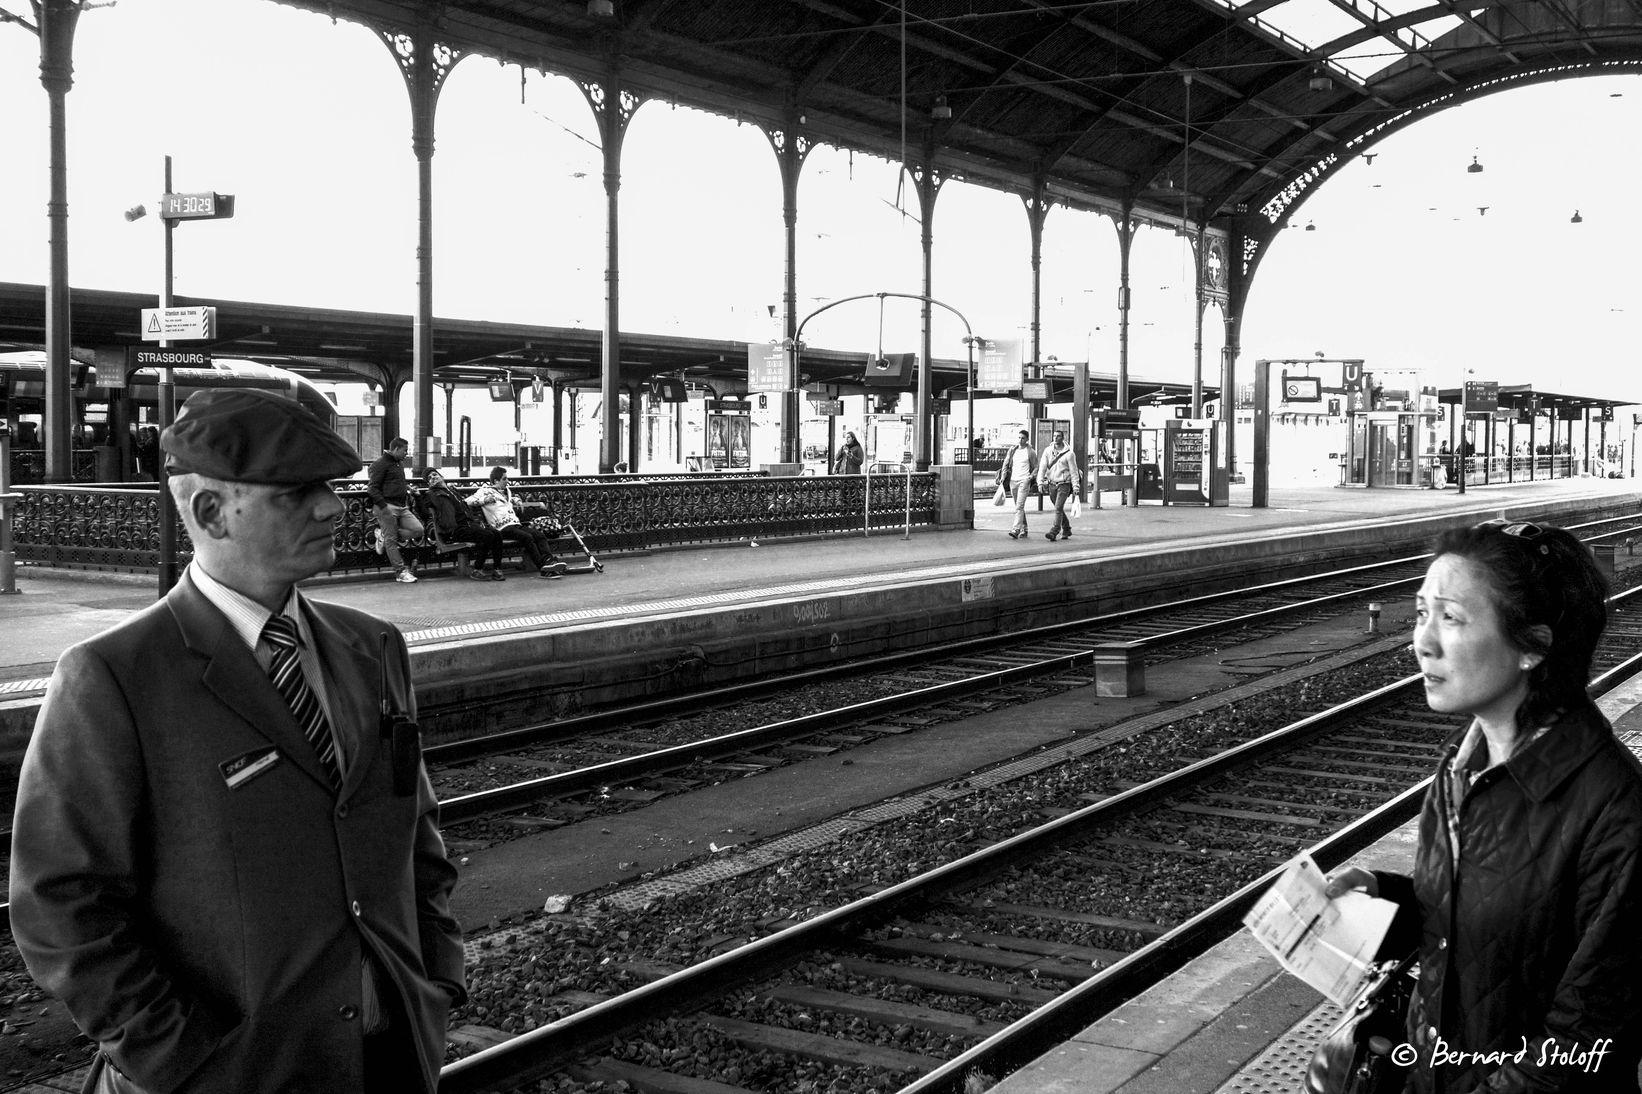 PHOTOGRAPHIER LE RENSEIGNEMENT À LA GARE DE STRASBOURG, ALSACE